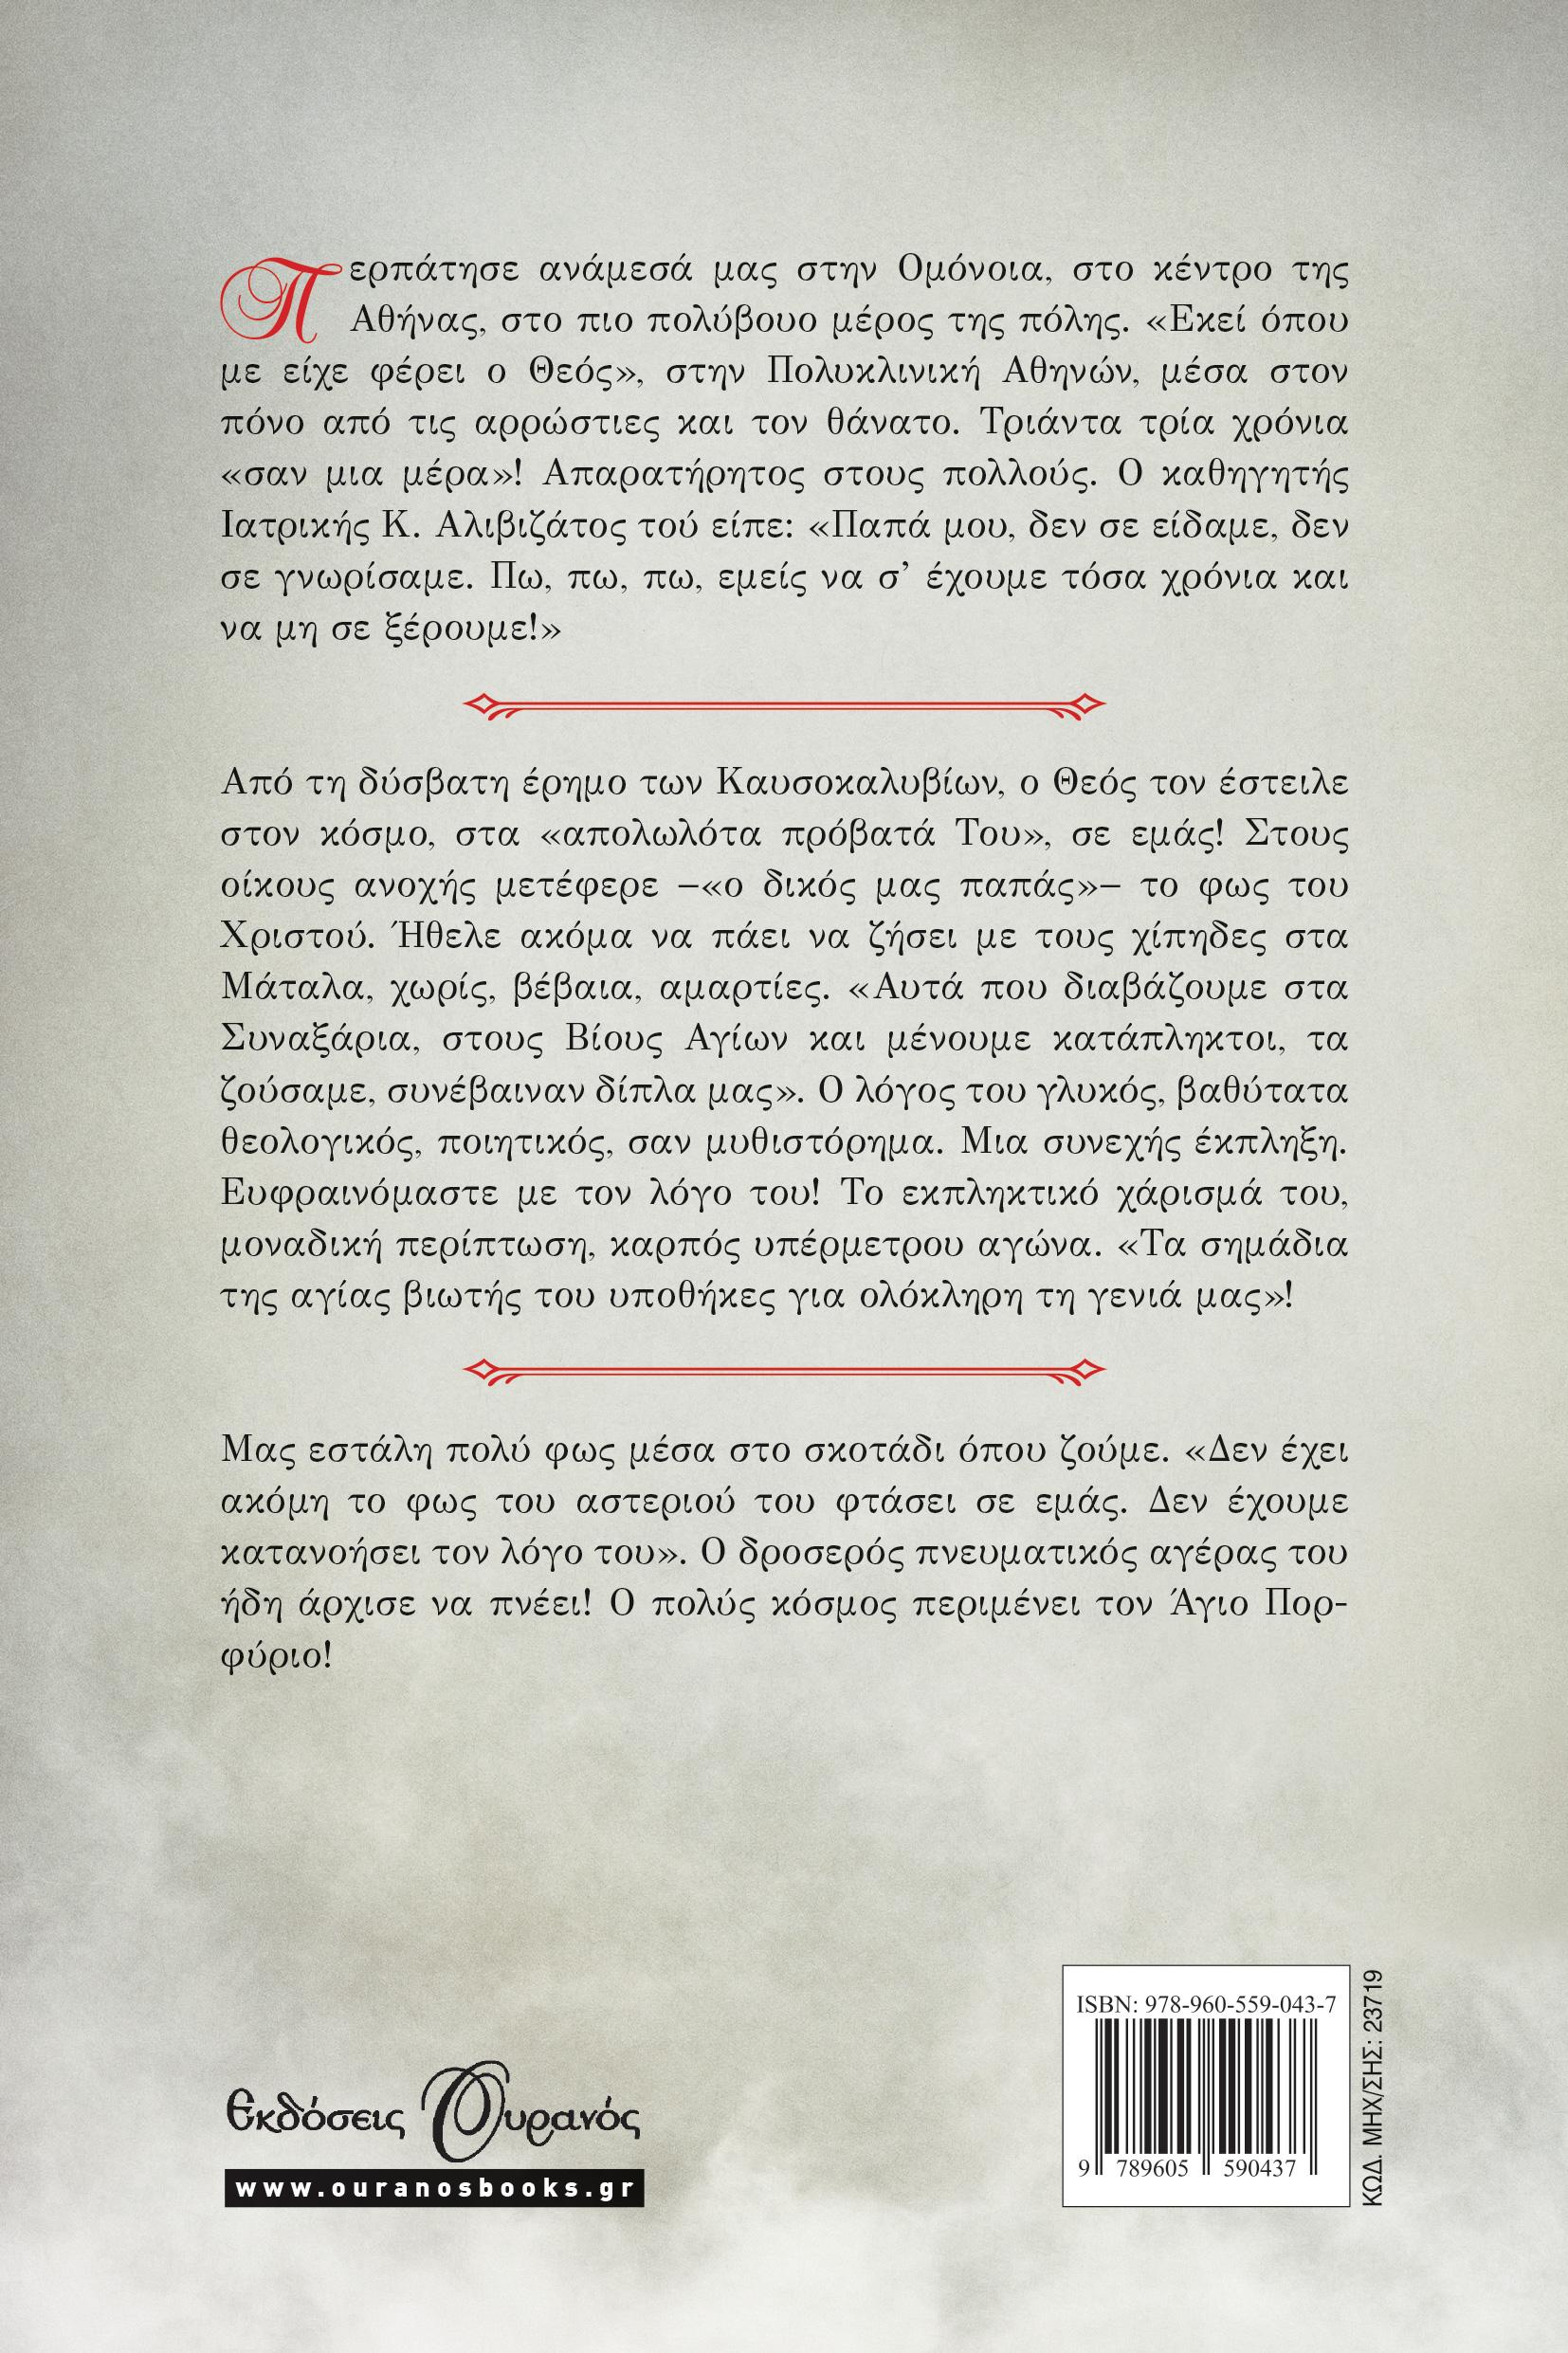 ΑΓΙΟΣ ΠΟΡΦΥΡΙΟΣ Ο ΚΑΥΣΟΚΑΛΥΒΙΤΗΣ (ΟΥΡΑΝΟΣ) - ΓΕΩΡΓΙΟΣ Ν. ΦΟΥΚΑΔΑΚΗΣ